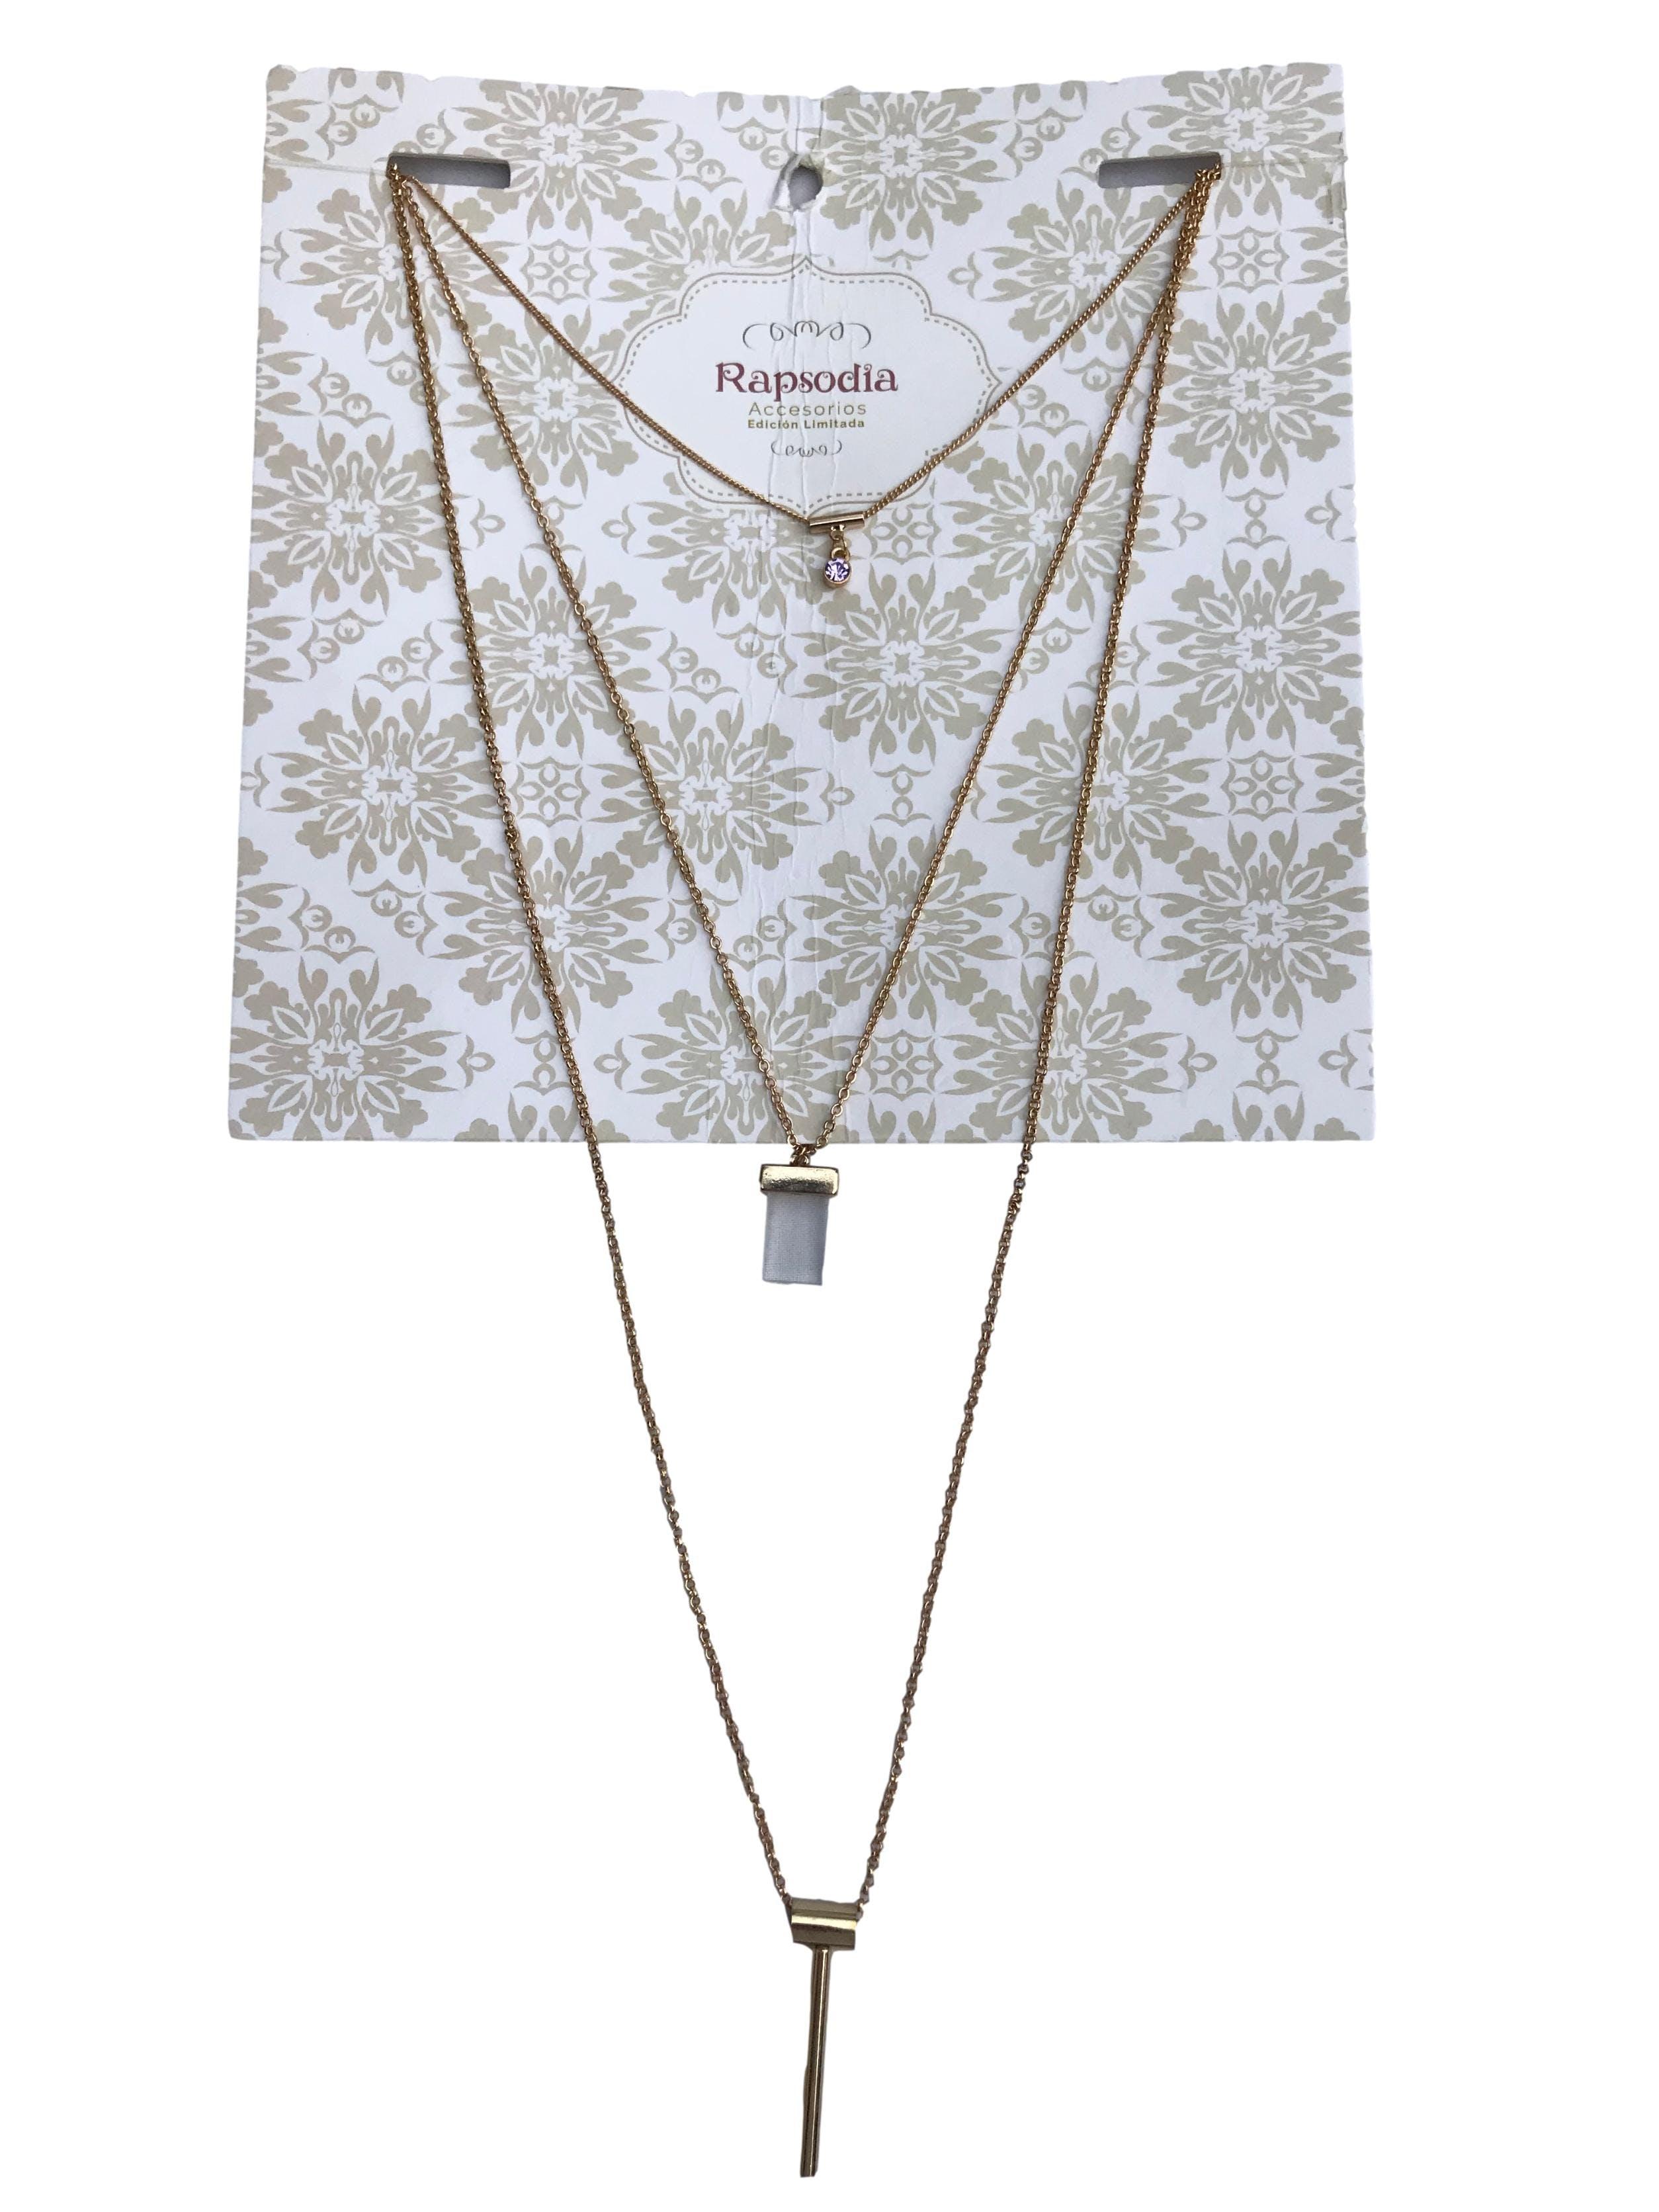 Collar cadena dorada en tres tiempos. Largo 90cm. Nuevo con etiqueta, precio original S/ 29.9